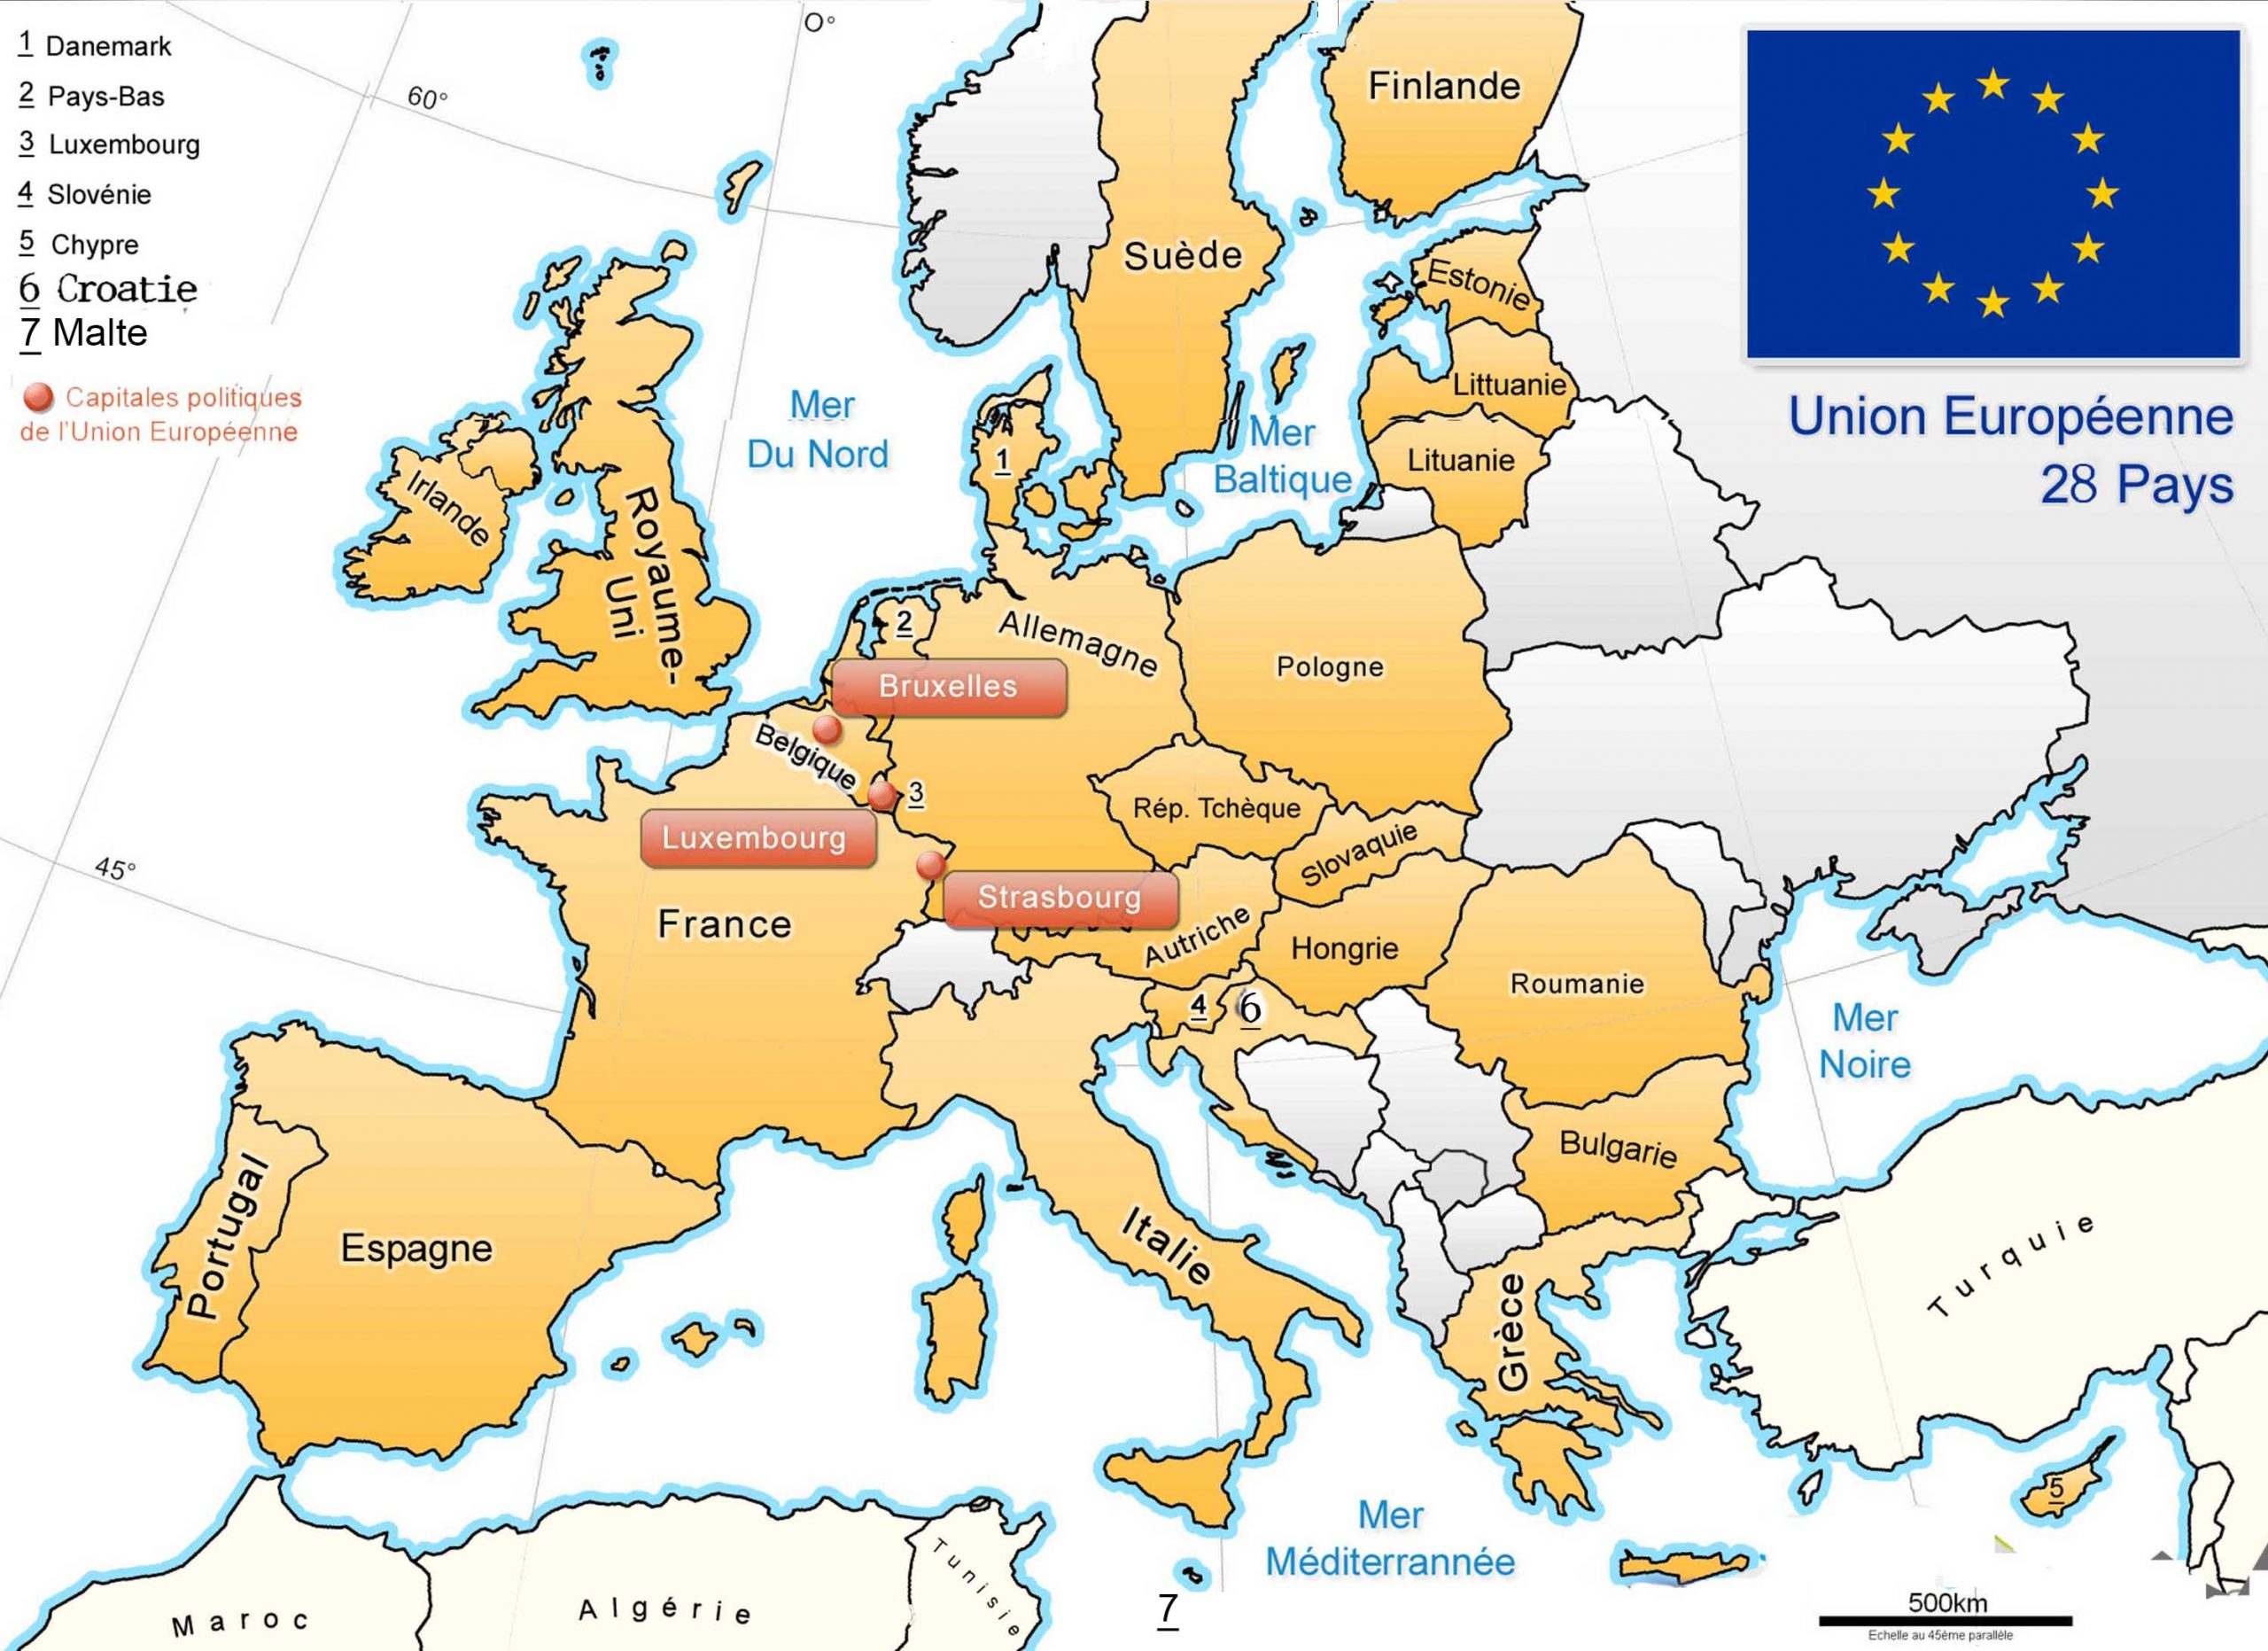 Apprendre À Placer Les Pays De L' Union Européenne - Le Blog pour Carte D Europe Avec Pays Et Capitales